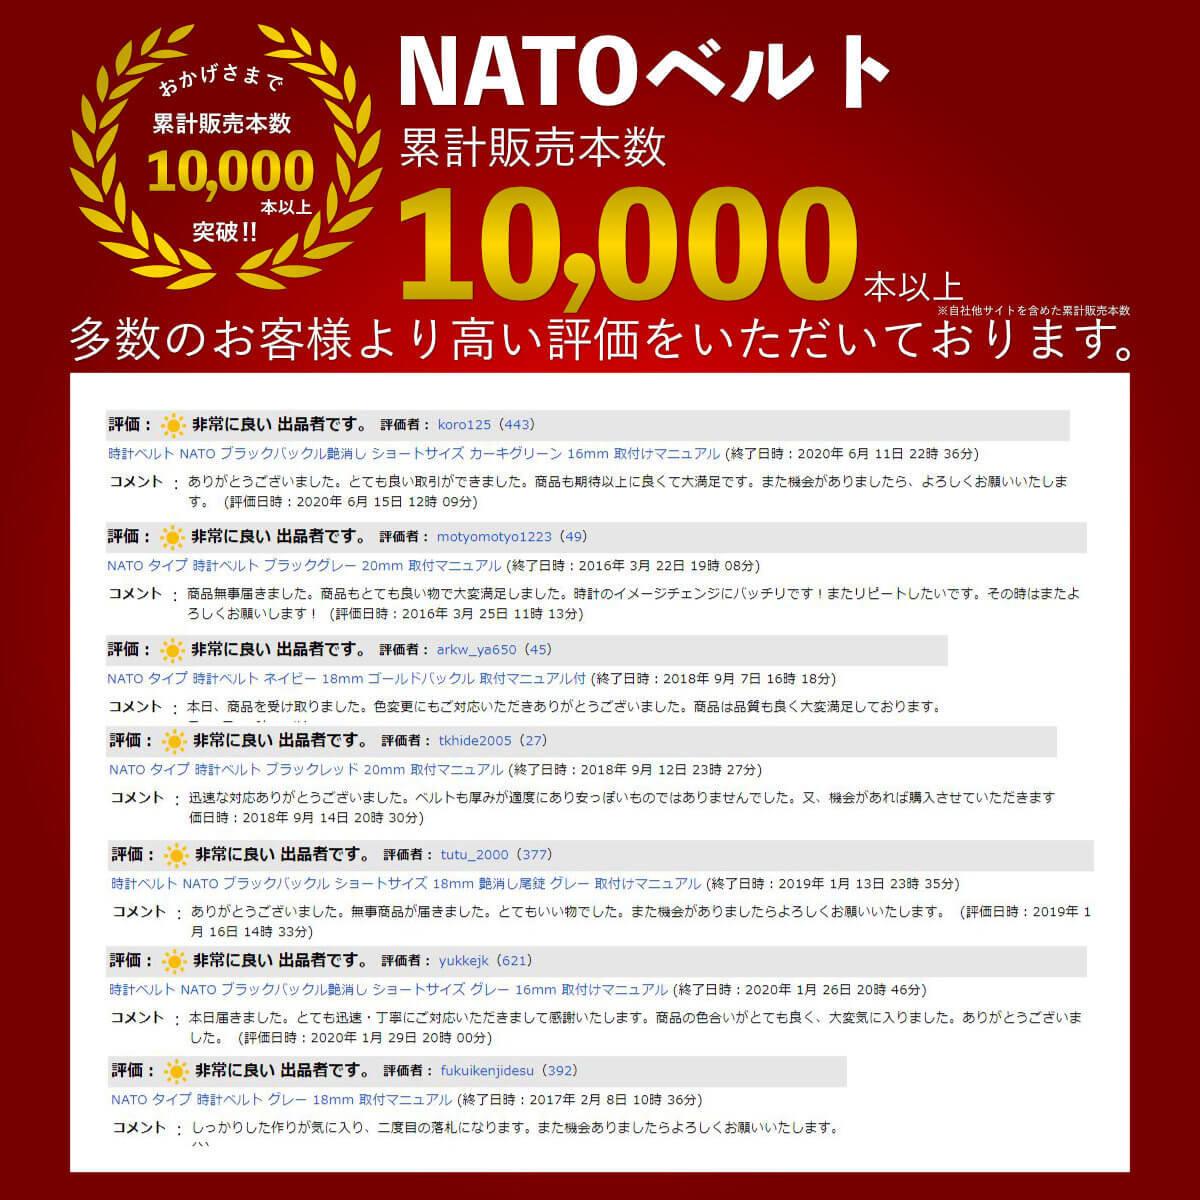 時計ベルト20mm NATO ゴールドバックル カーキグリーン 全長255mm ショートサイズ ナイロンストラップ取付けマニュアル _画像10